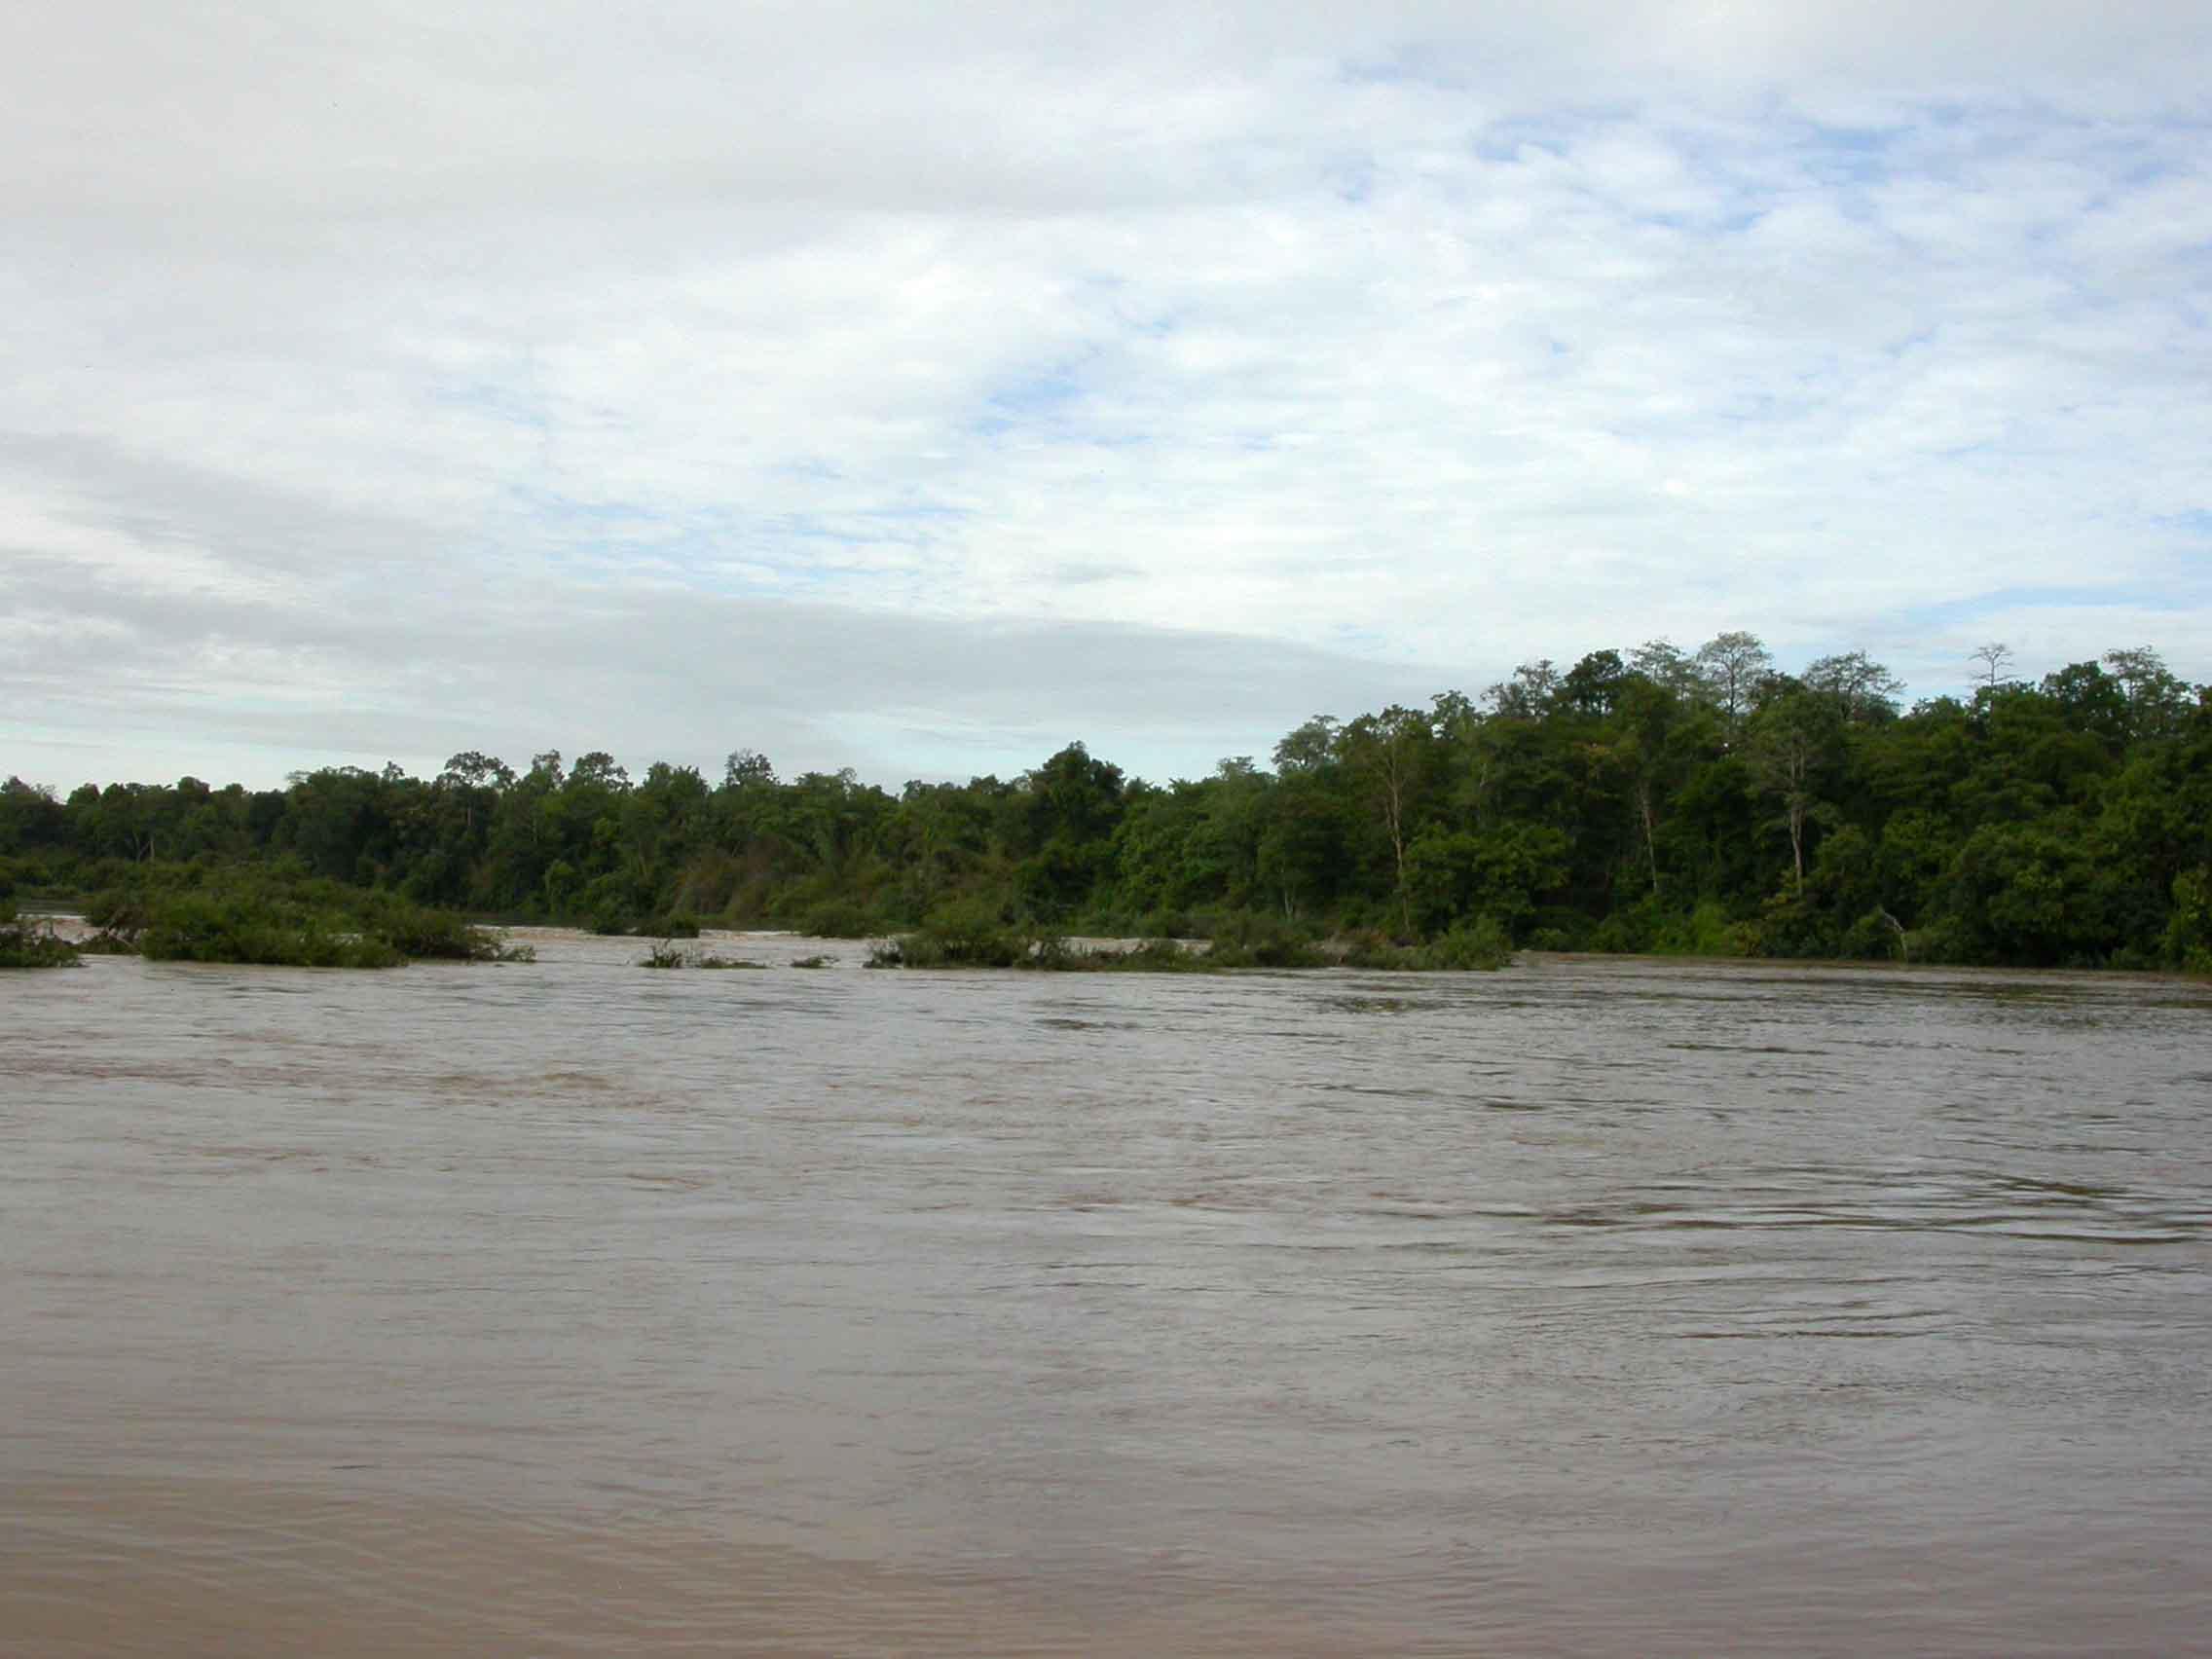 bird-habitats-and-communities-in-vietnam